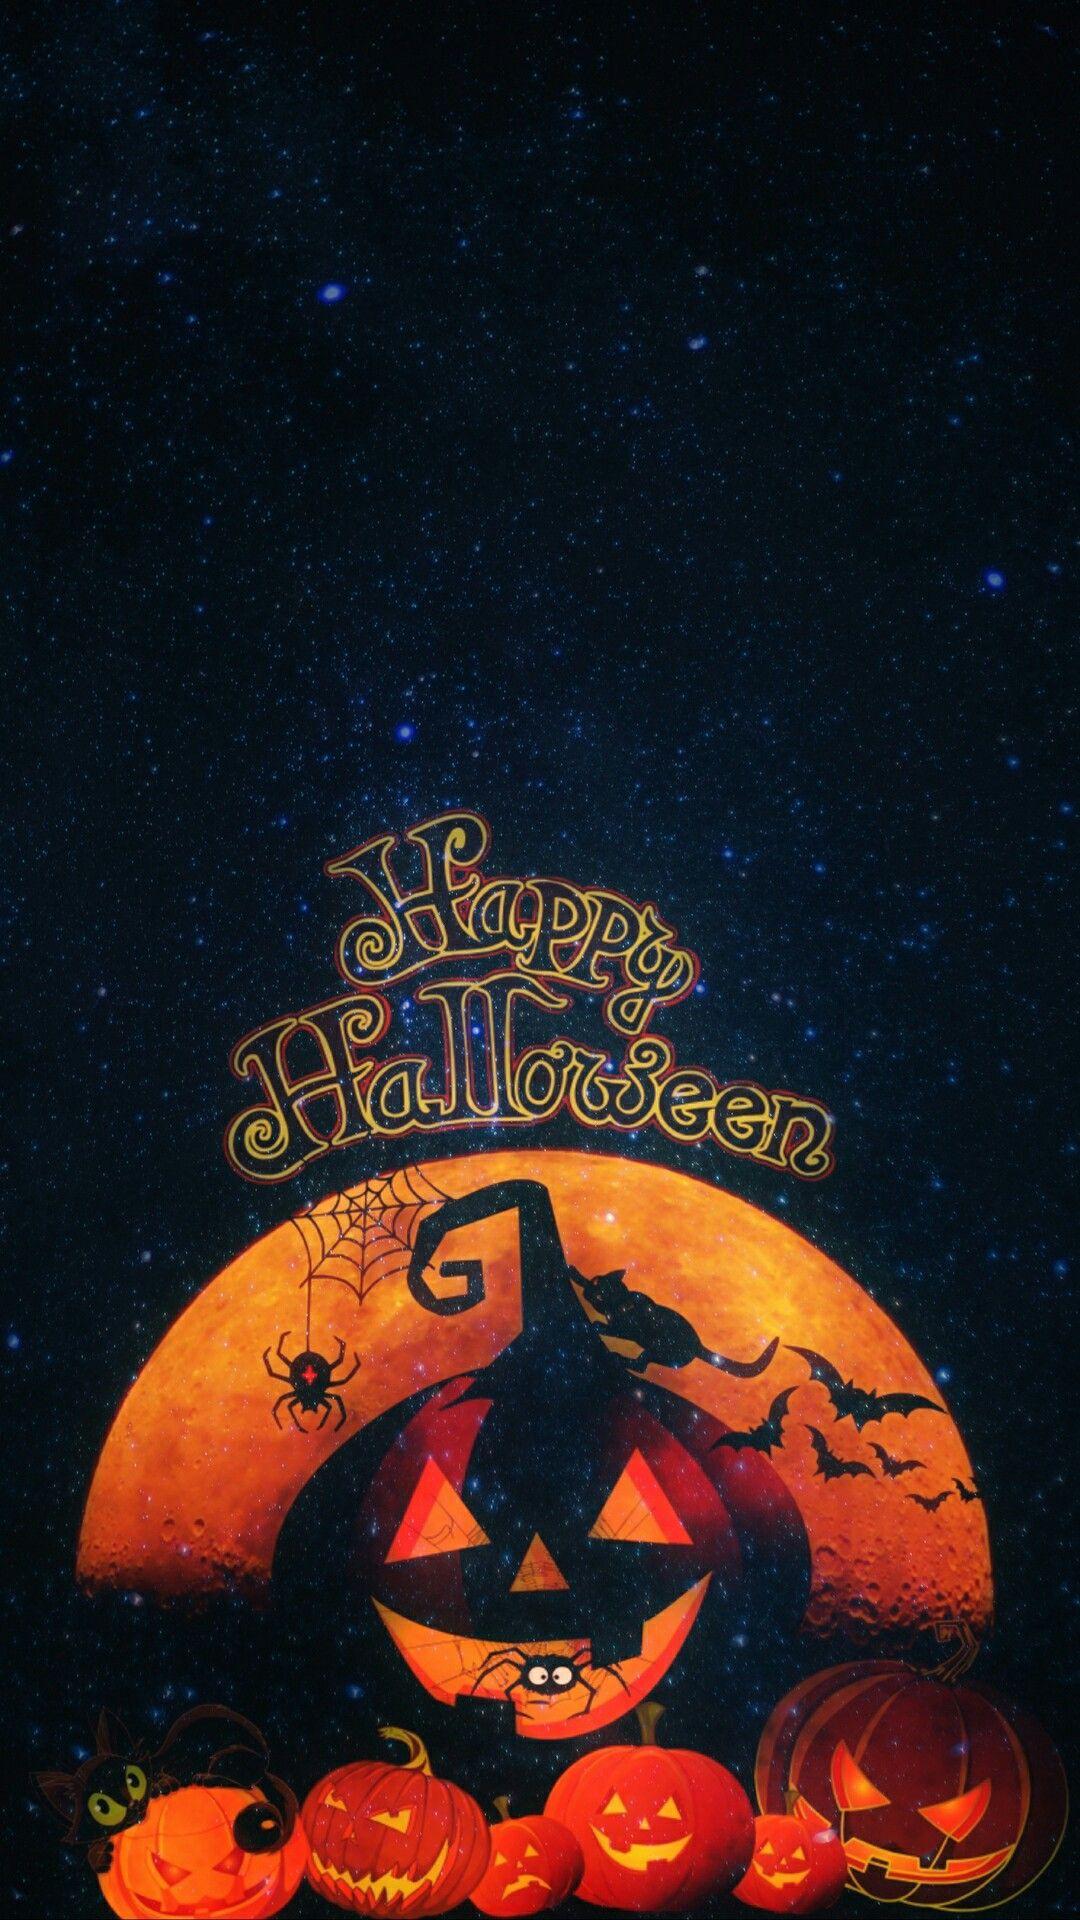 Halloween iPhone Wallpapper Halloween wallpaper, Free